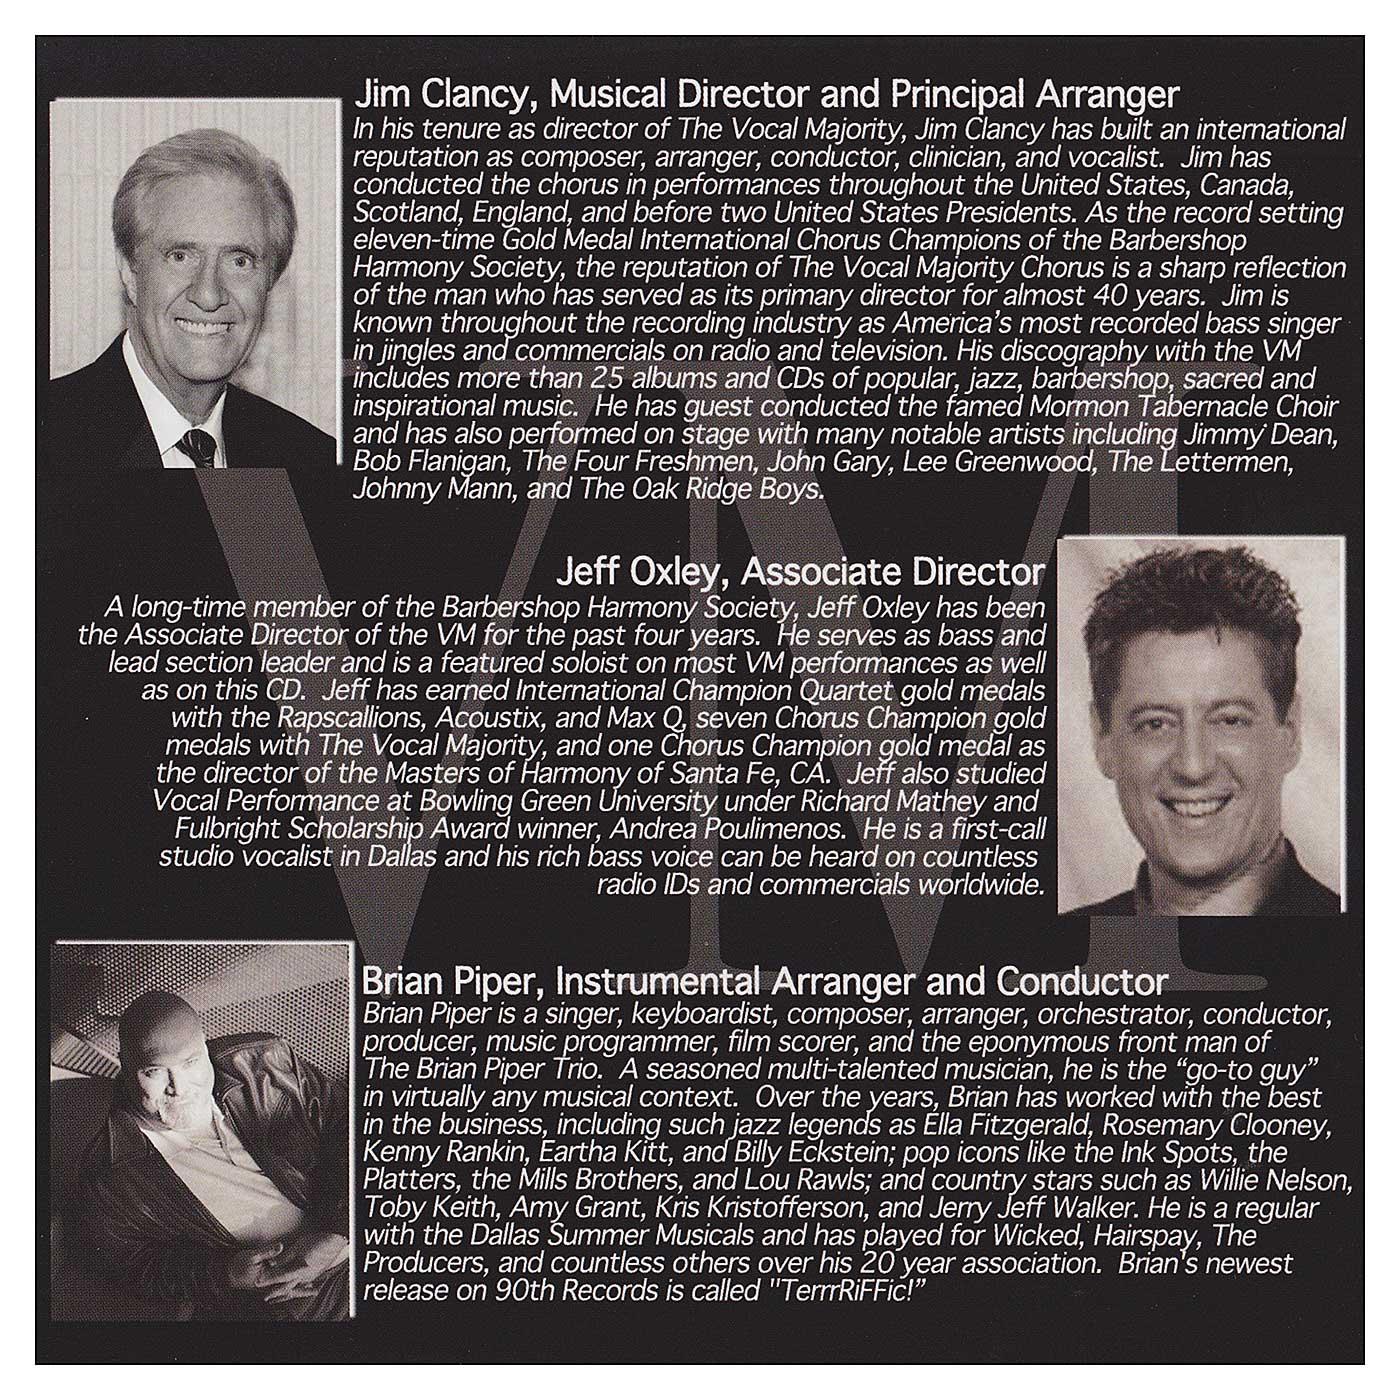 Booklet Back Panel: VM Bandstand